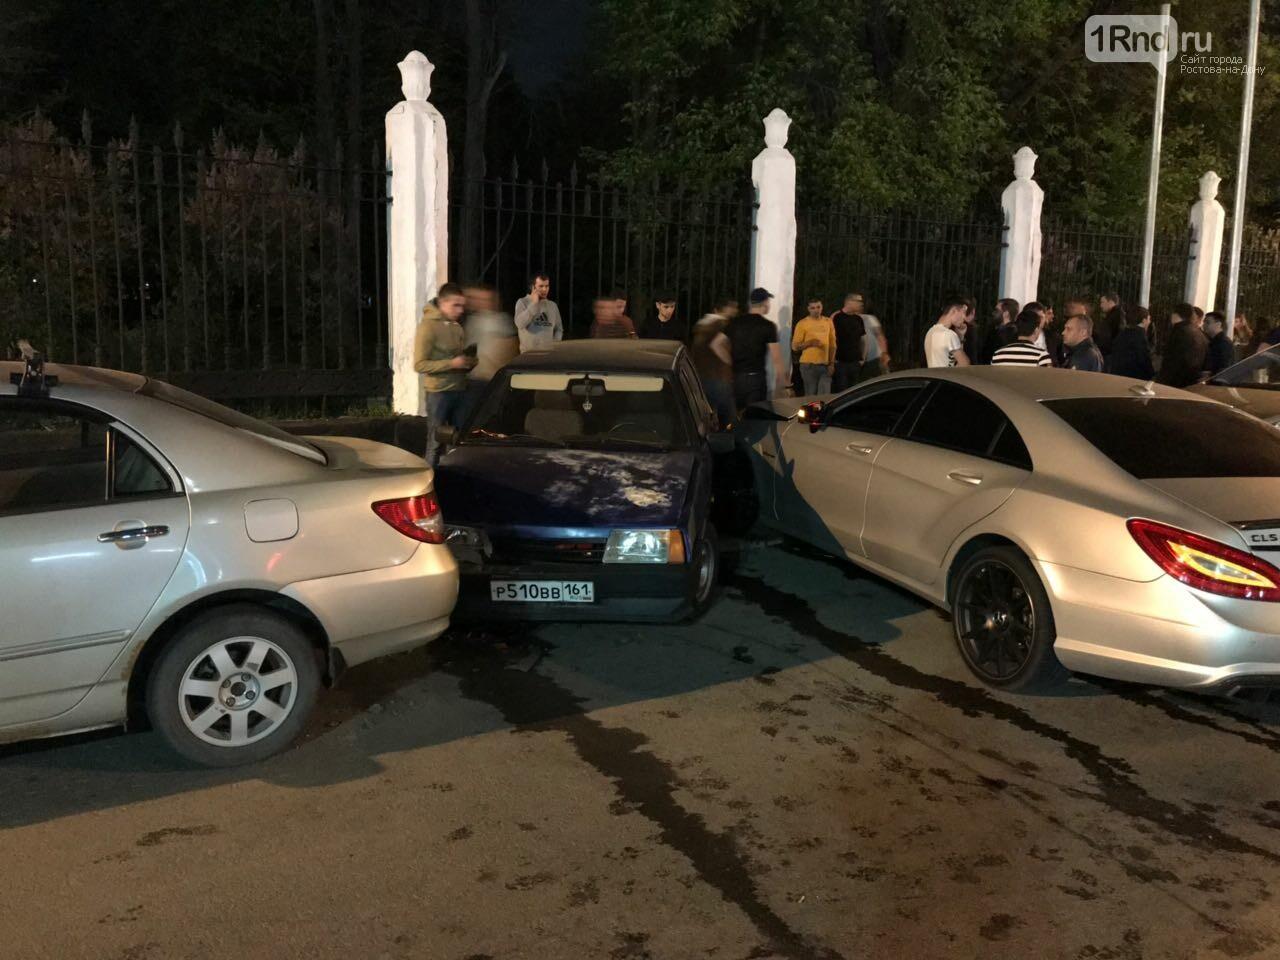 Новые подробности: виновником массовой аварии на Театральной площади стал иностранец, фото-3, Фото: предоставлено очевидцем